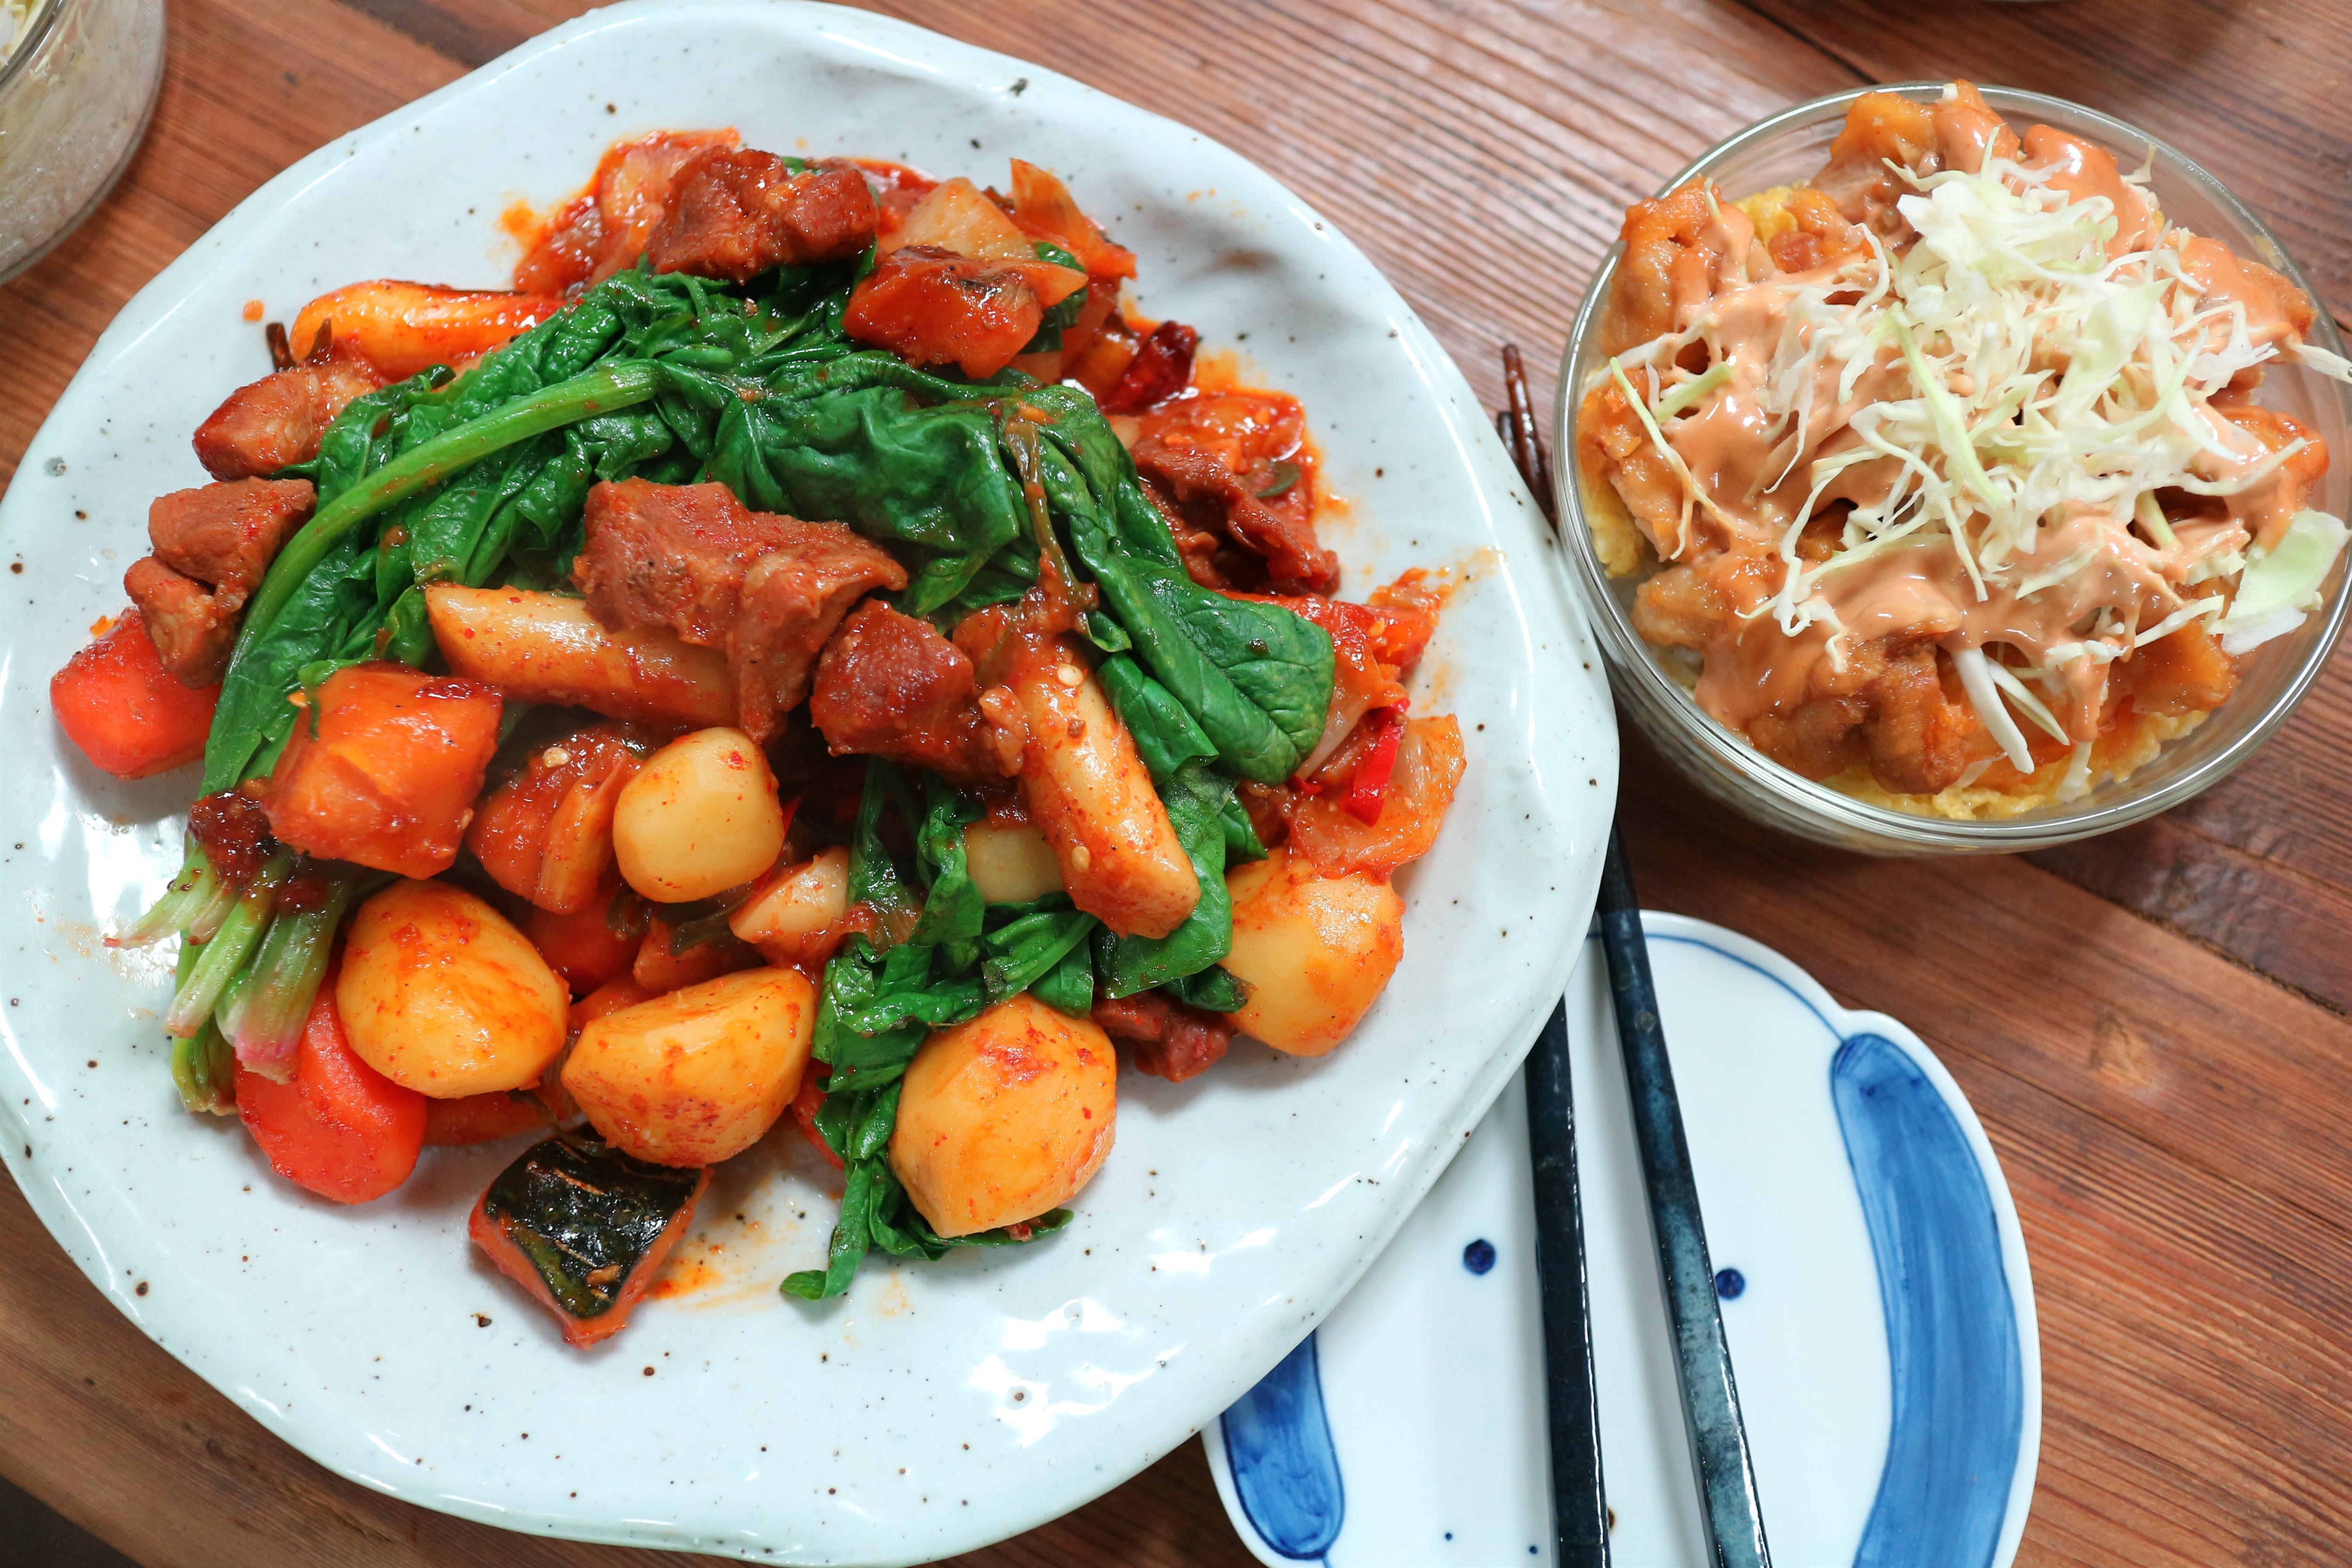 락앤락 원데이쿠킹클래스 후기 - 초간단 든든 저녁집밥 치킨마요덮밥 & 돼지목살찜